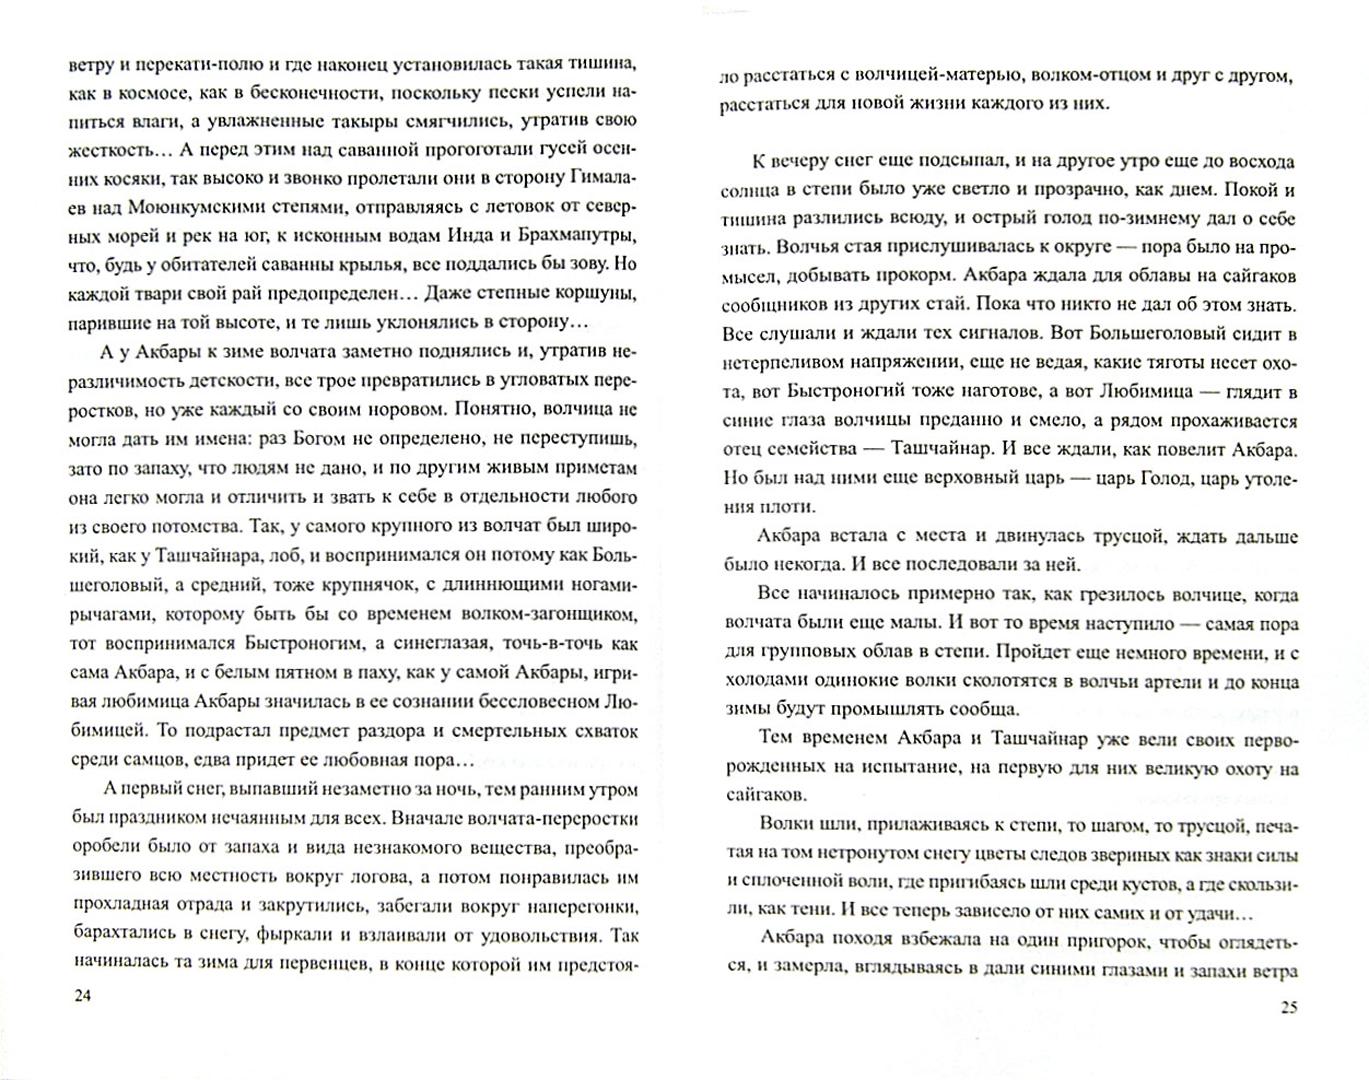 Иллюстрация 1 из 5 для Плаха - Чингиз Айтматов | Лабиринт - книги. Источник: Лабиринт